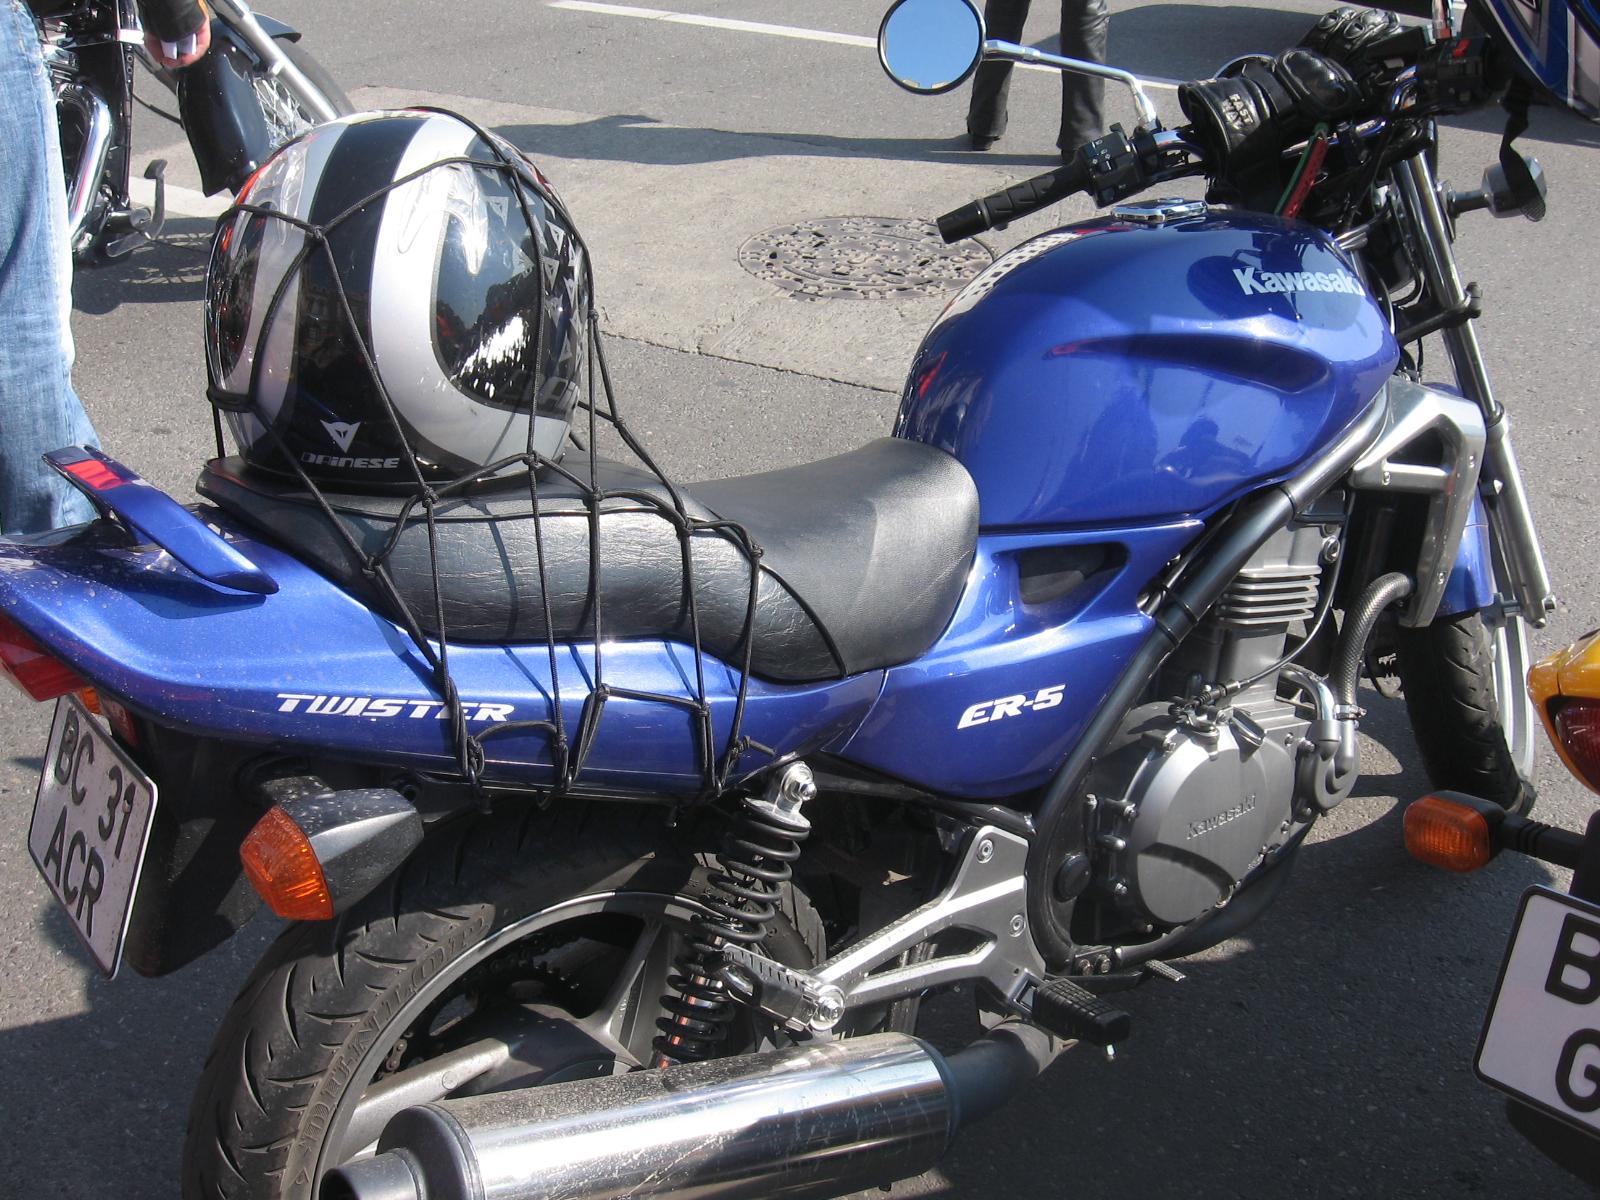 Kawasaki Er5 Motociclete De Strada Motociclismro